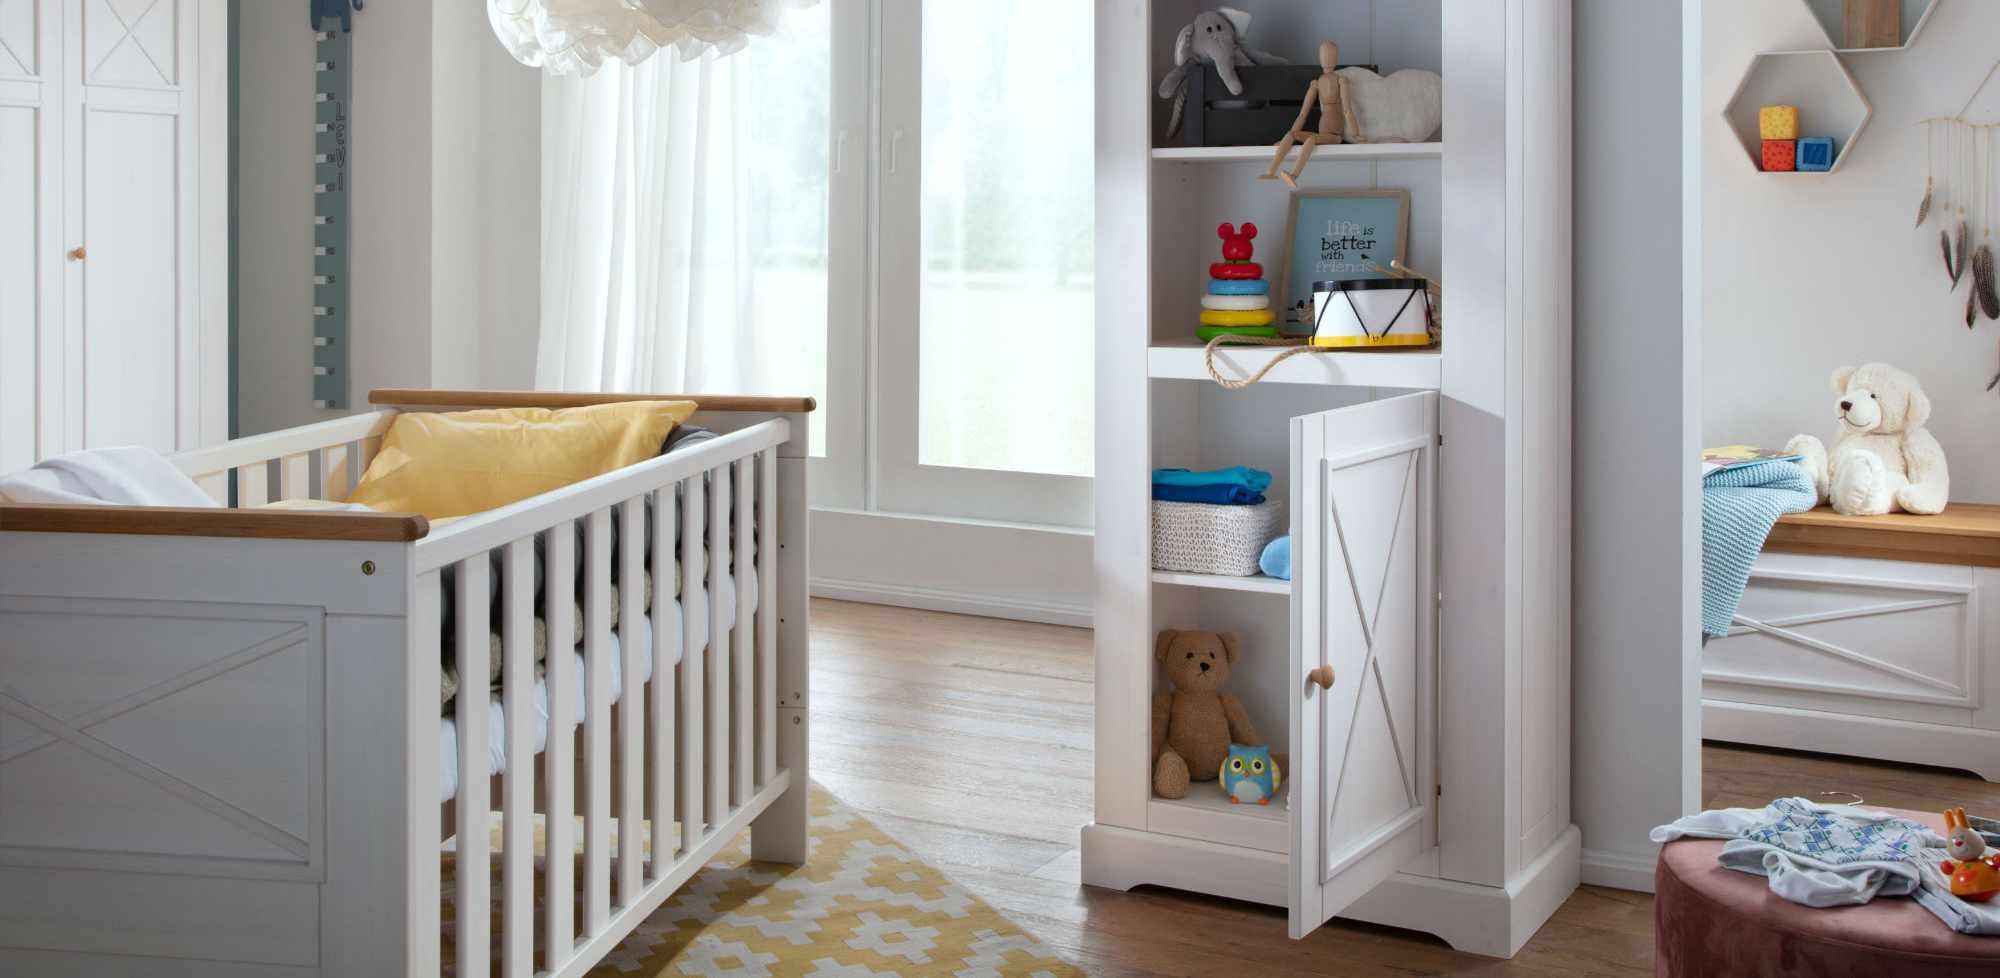 Kinderzimmer Babyzimmer Karlstad, Bild 2